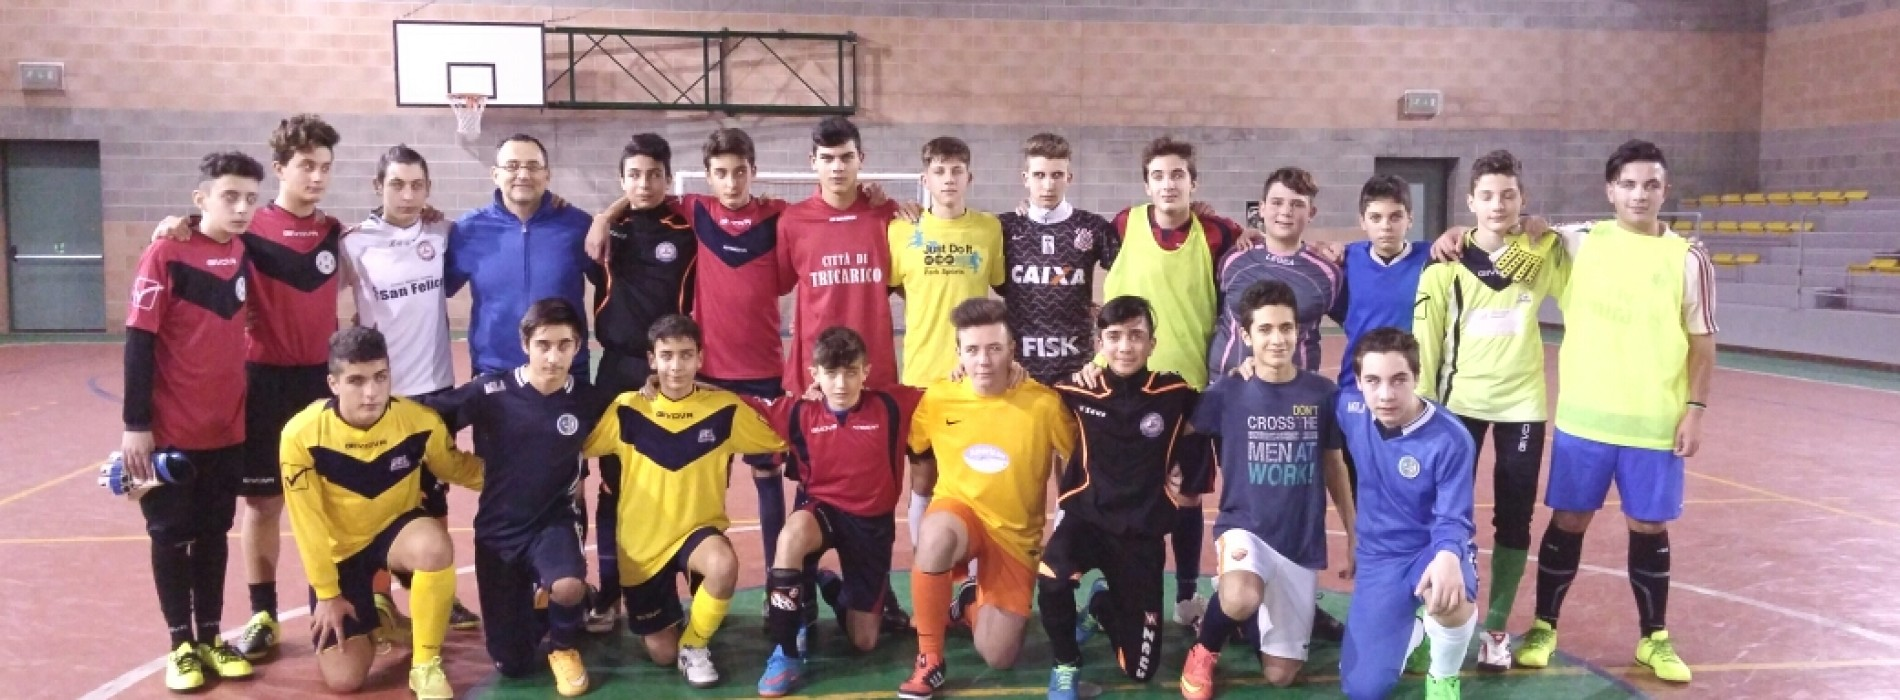 Calcio a 5: Rappresentativa Regionale Giovanissimi a Potenza